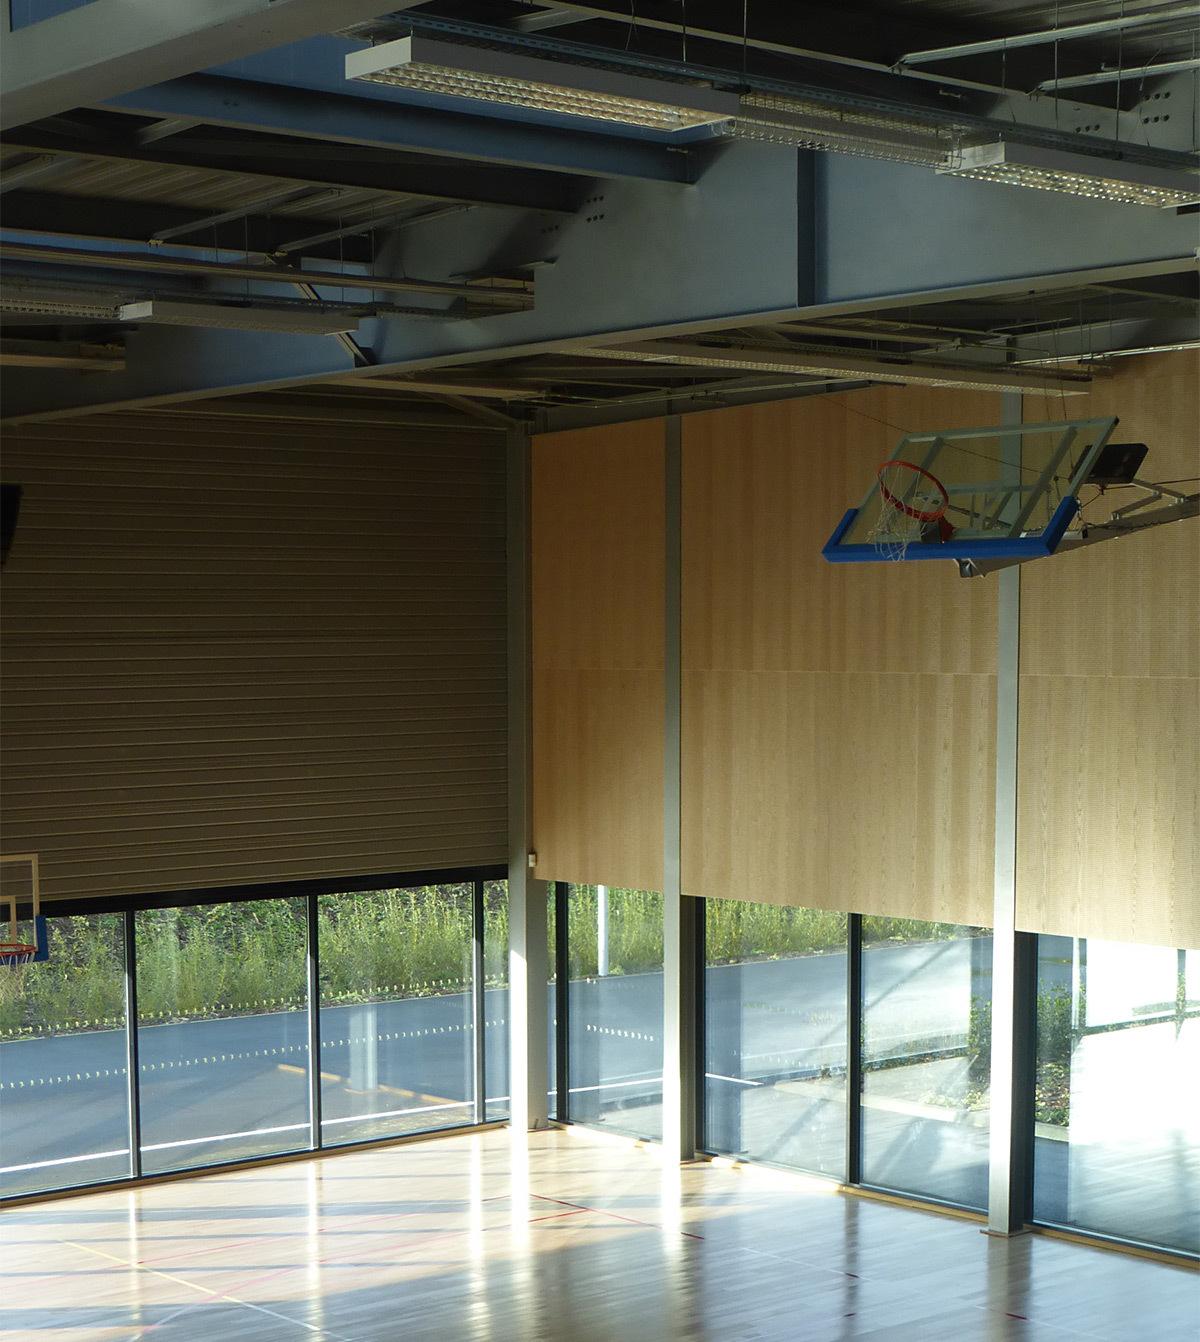 Terrain annexe d'entrainement - Salle sportive métropolitaine de Nantes Métropole, Rezé, France - Architectes Chaix & Morel et Associés - Photo Vincent Laganier